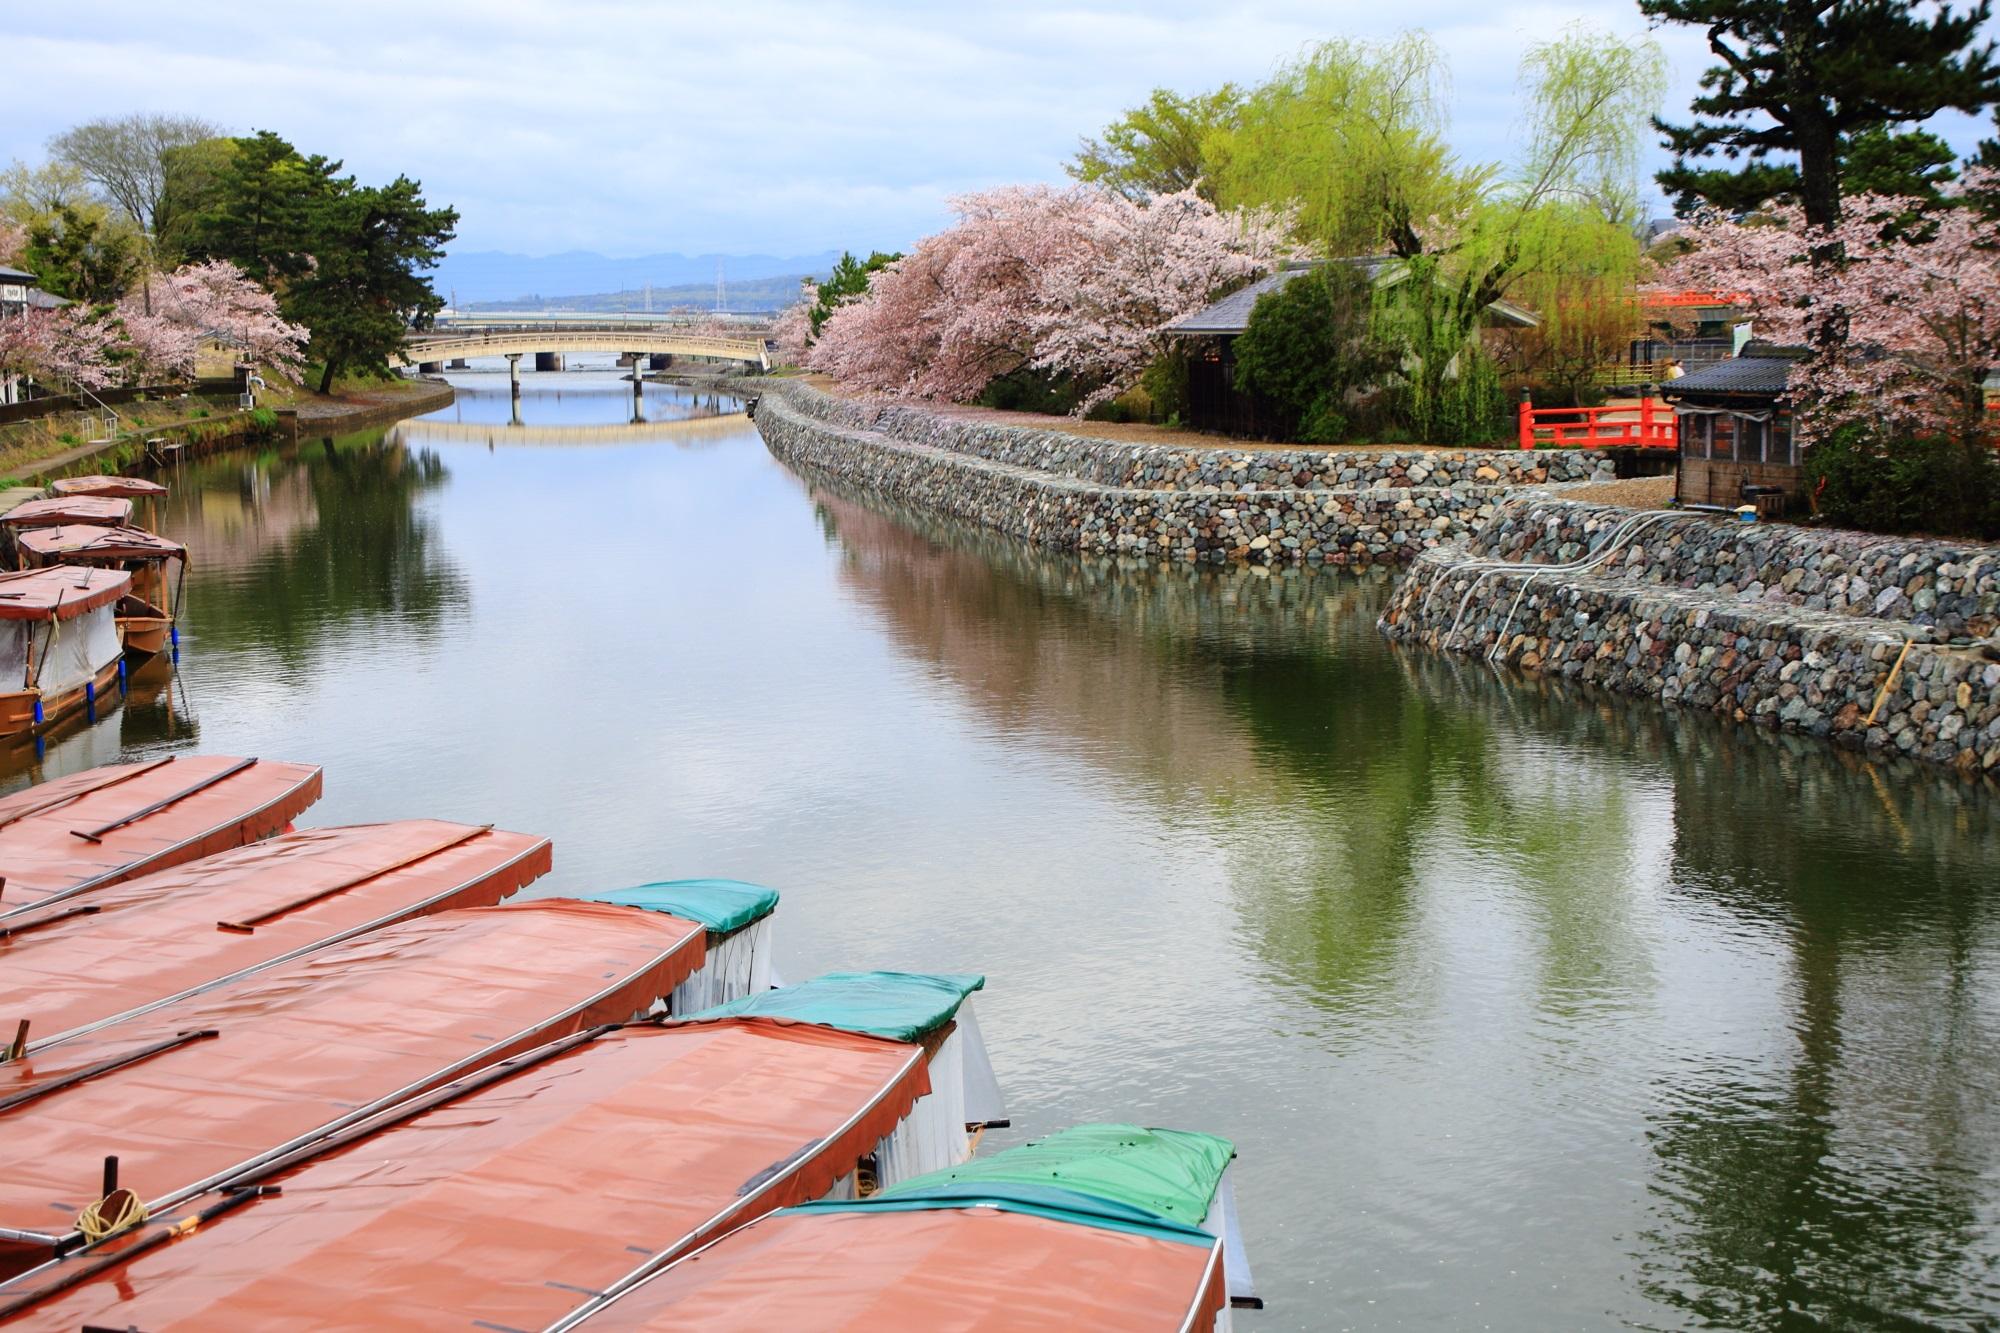 情緒ある水辺を彩る桜